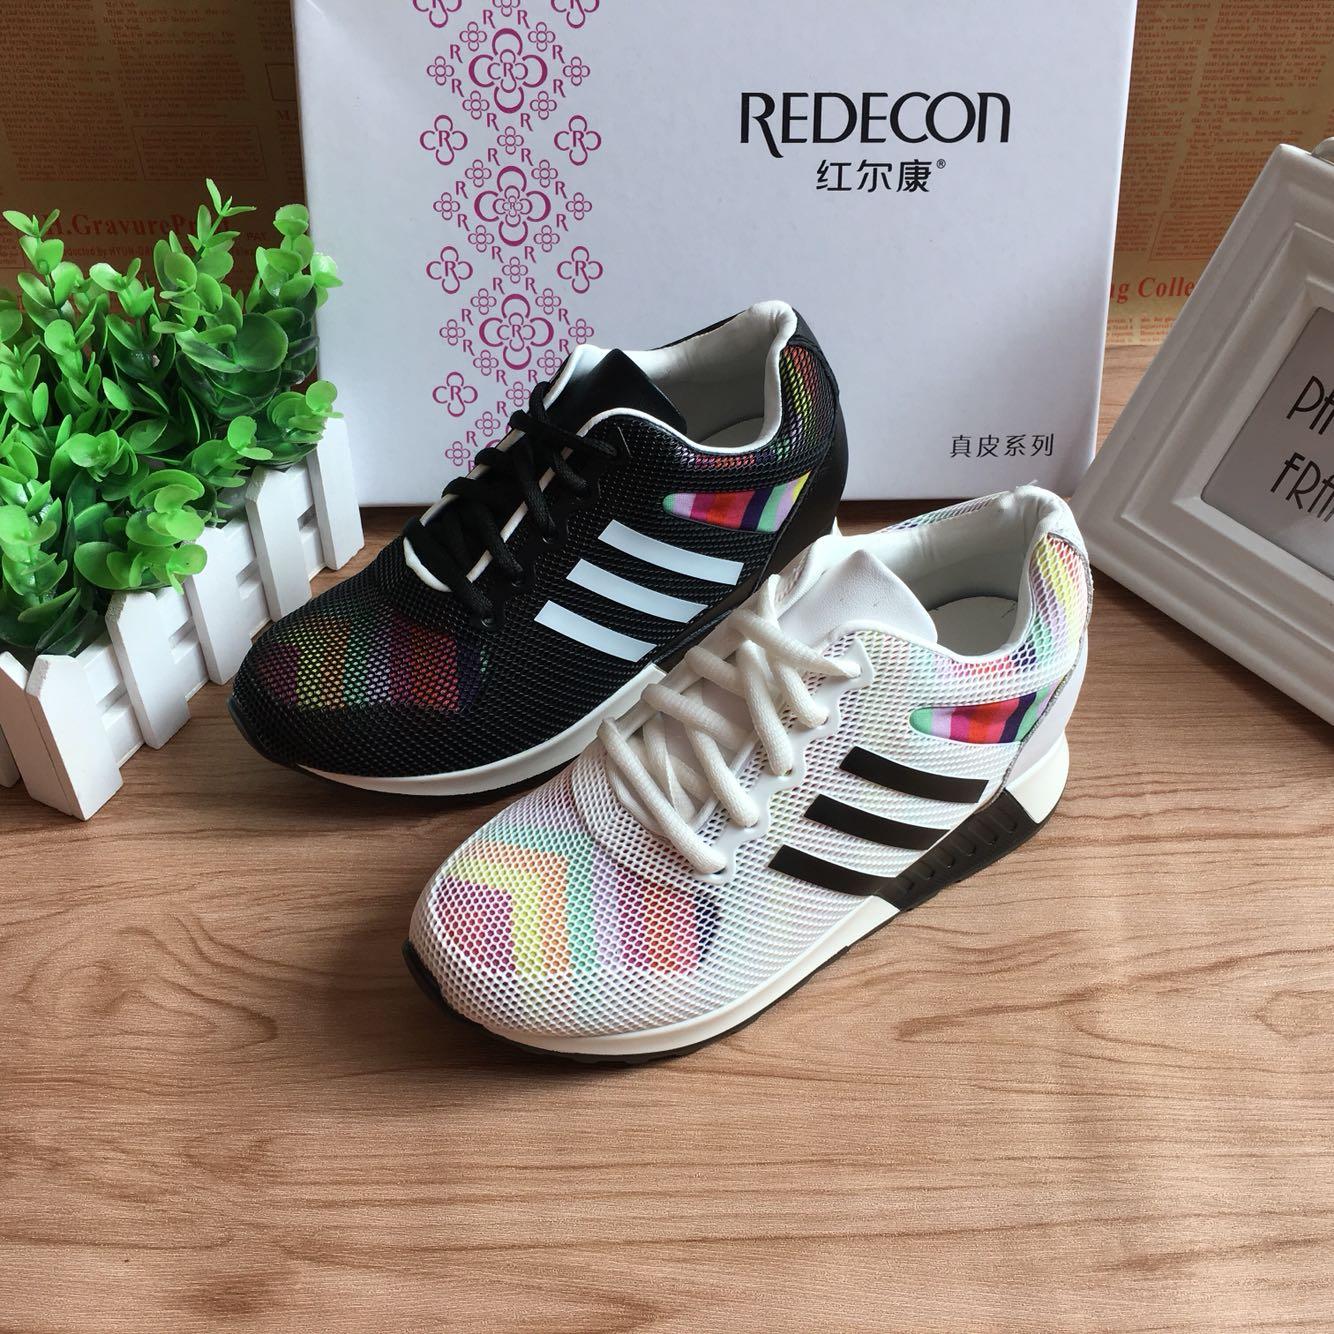 Кан красный обувь аутентичные high-net в весна/лето лето 2017, кожа случайные камуфляж обувь 1093